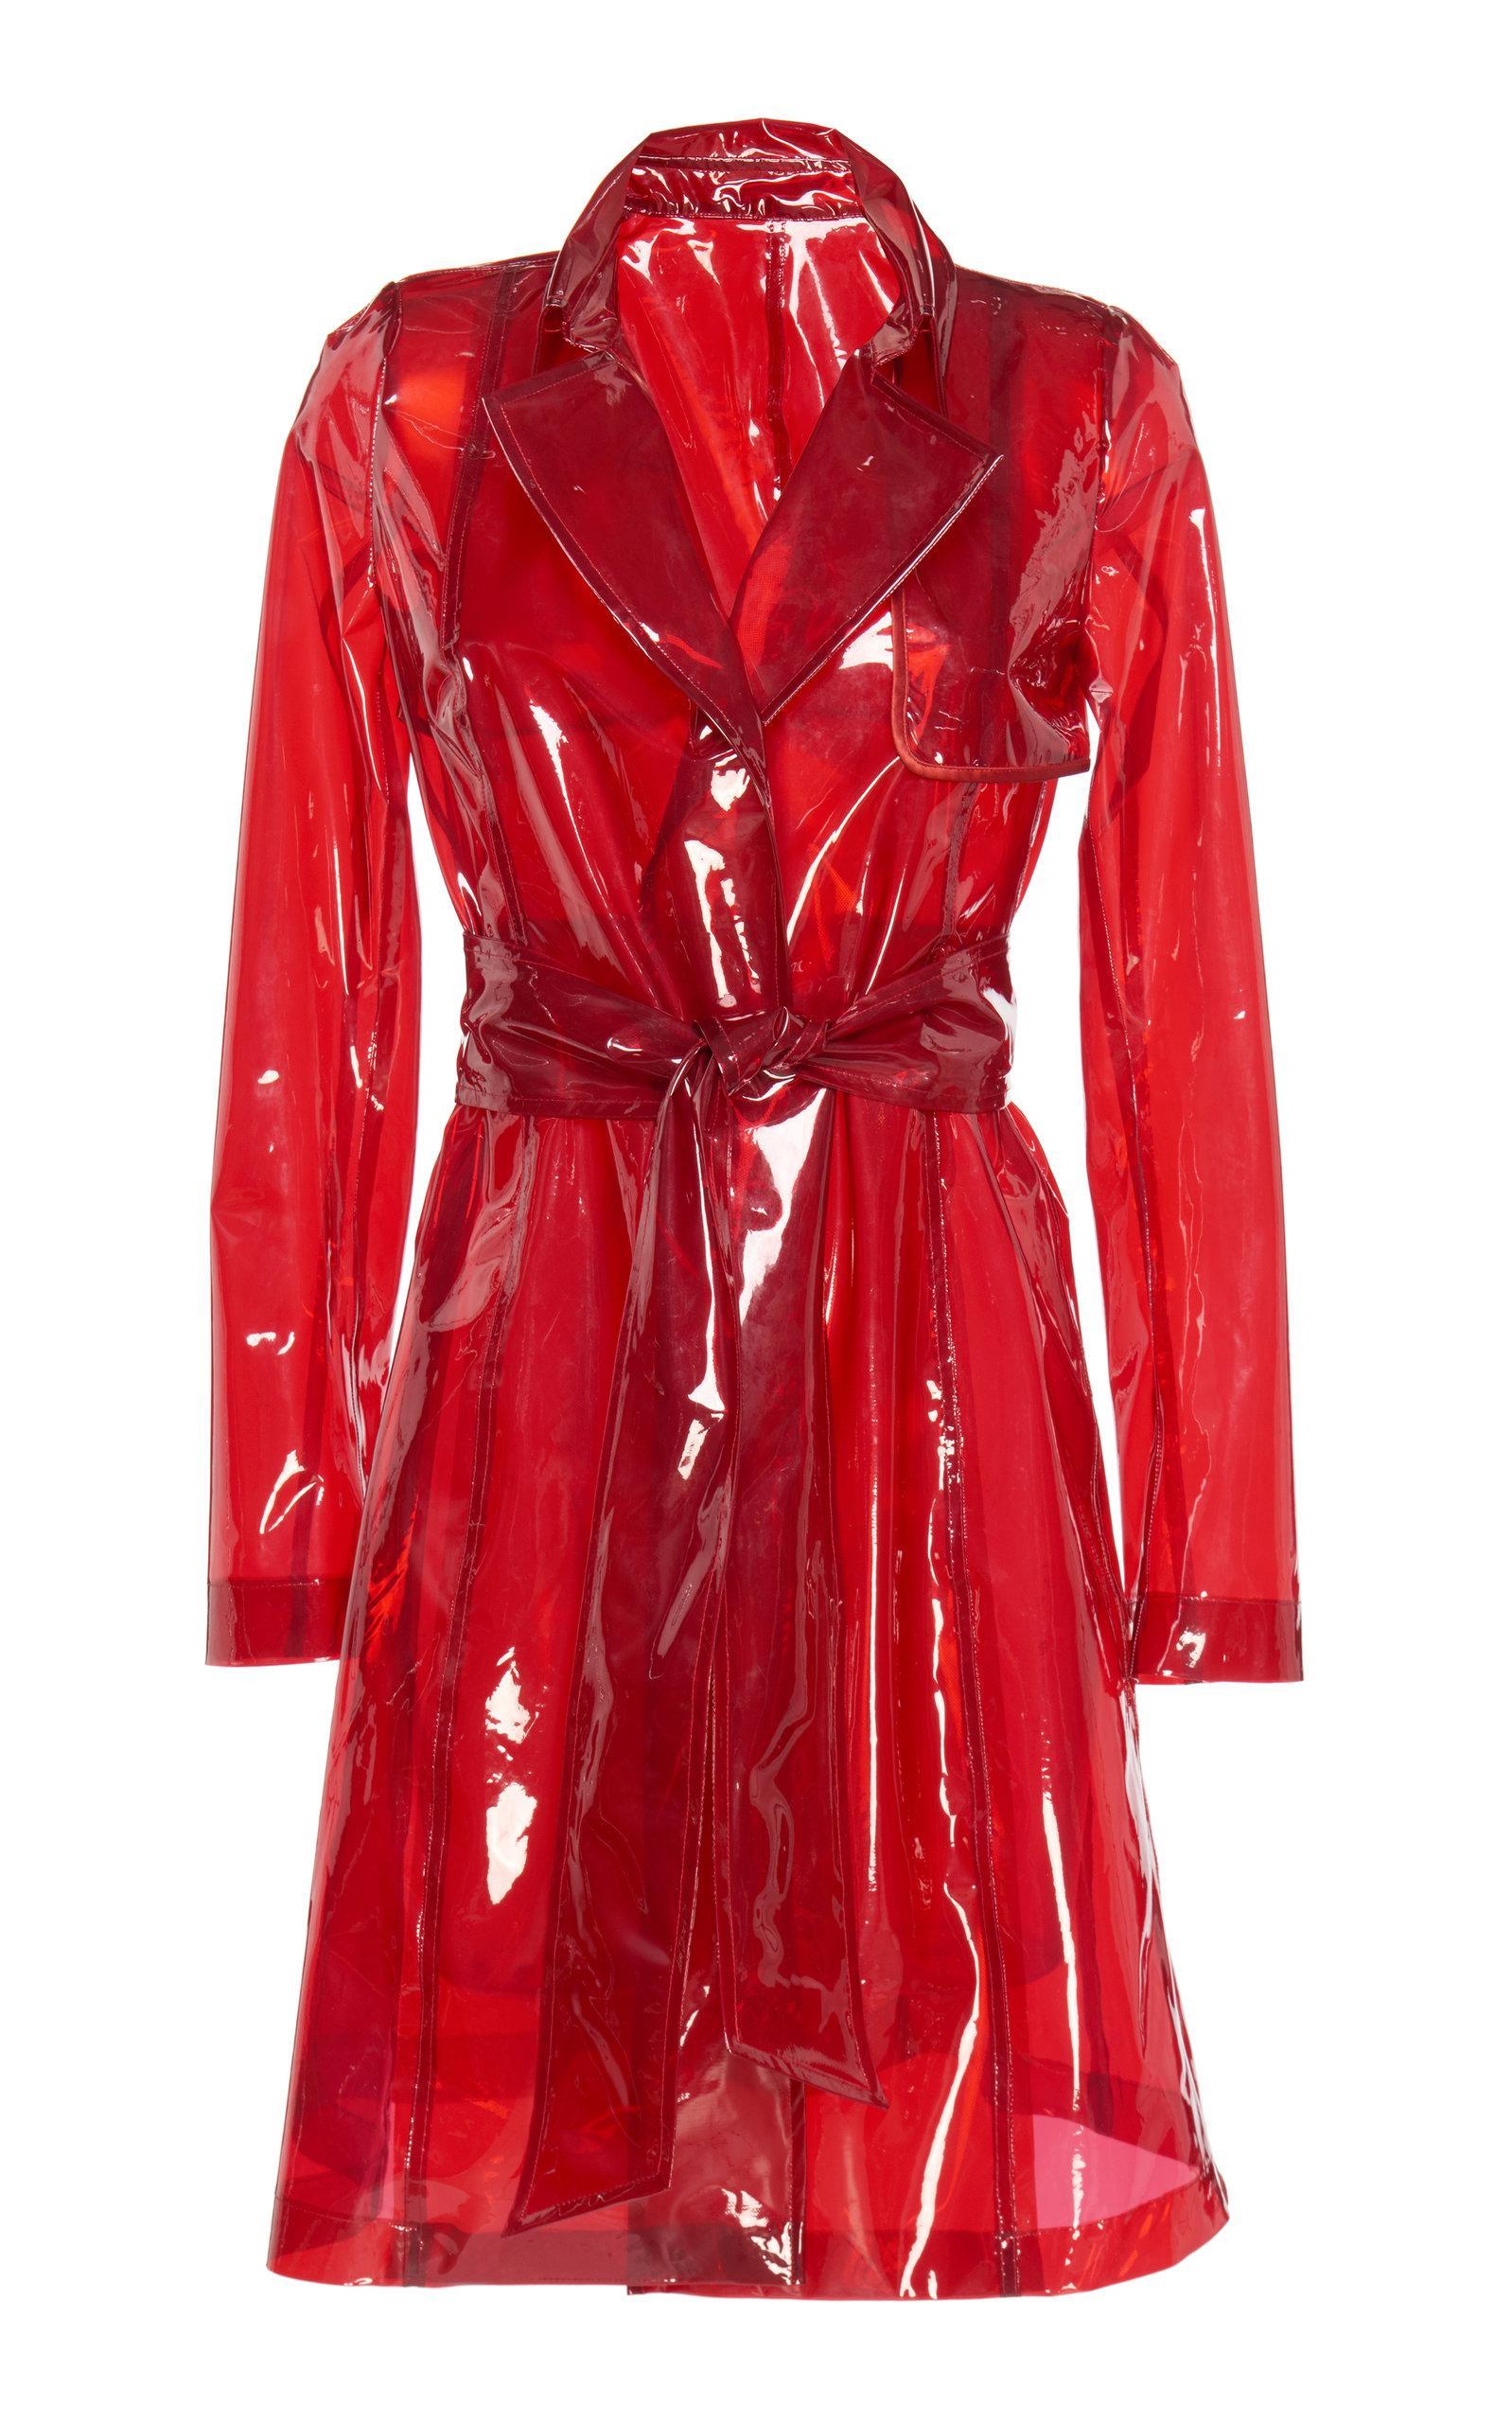 Galvan Sheer Gloss Coat In Red